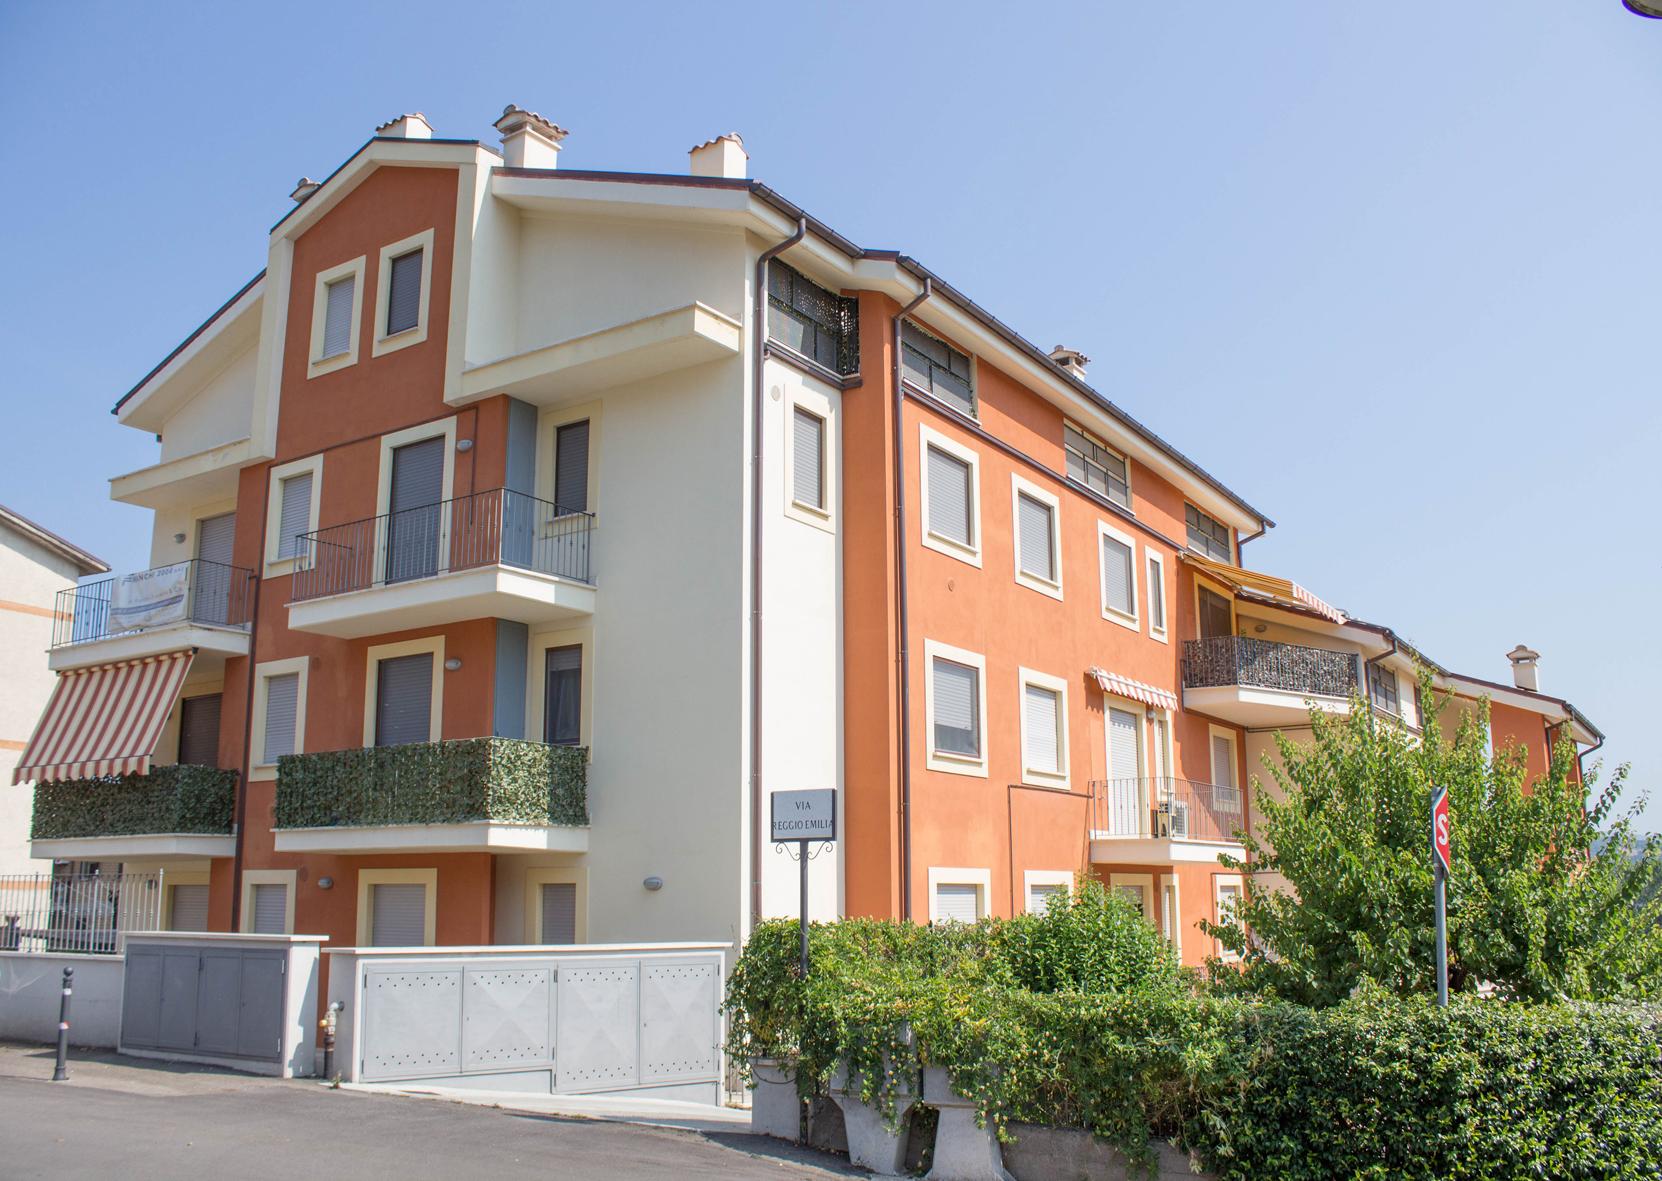 Appartamento in vendita a Orte, 2 locali, zona Località: OrteScalo, prezzo € 77.000 | Cambio Casa.it